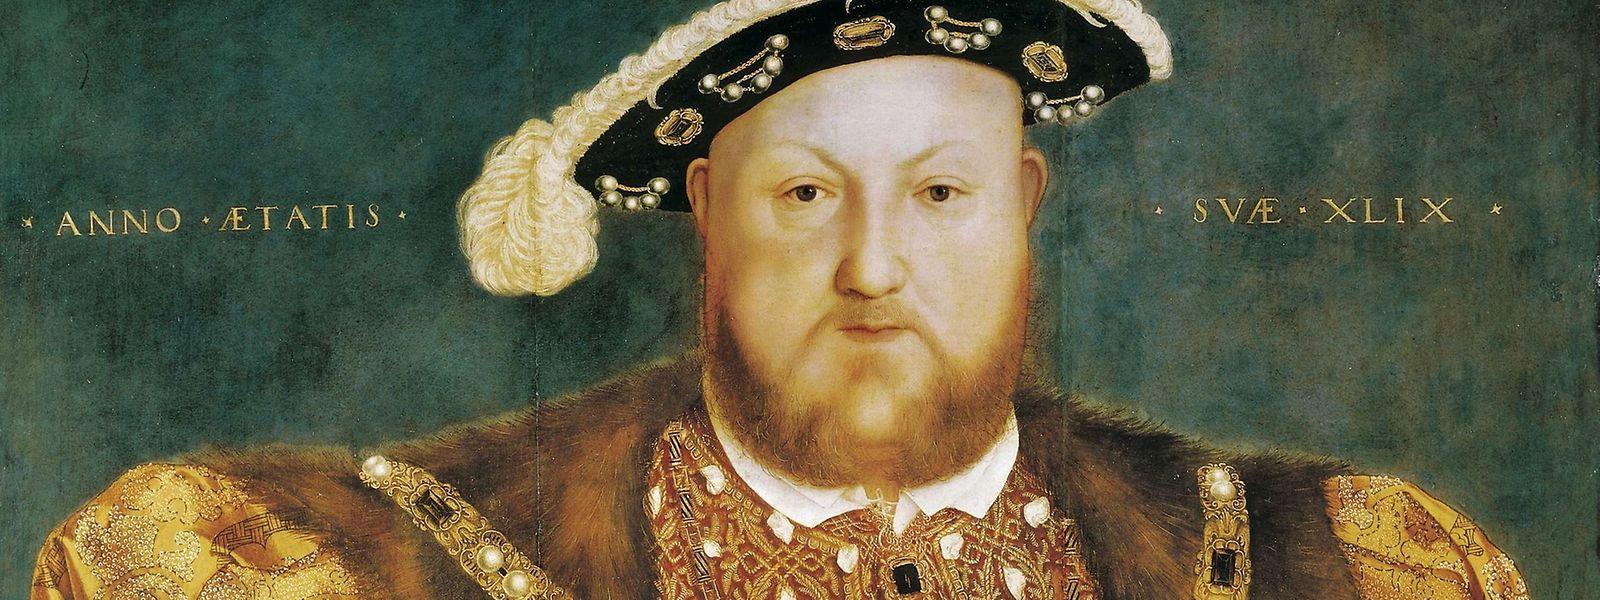 Ein Porträt von Heinrich VIII., gemalt von Hans Holbein dem Jüngeren im Jahr 1540.